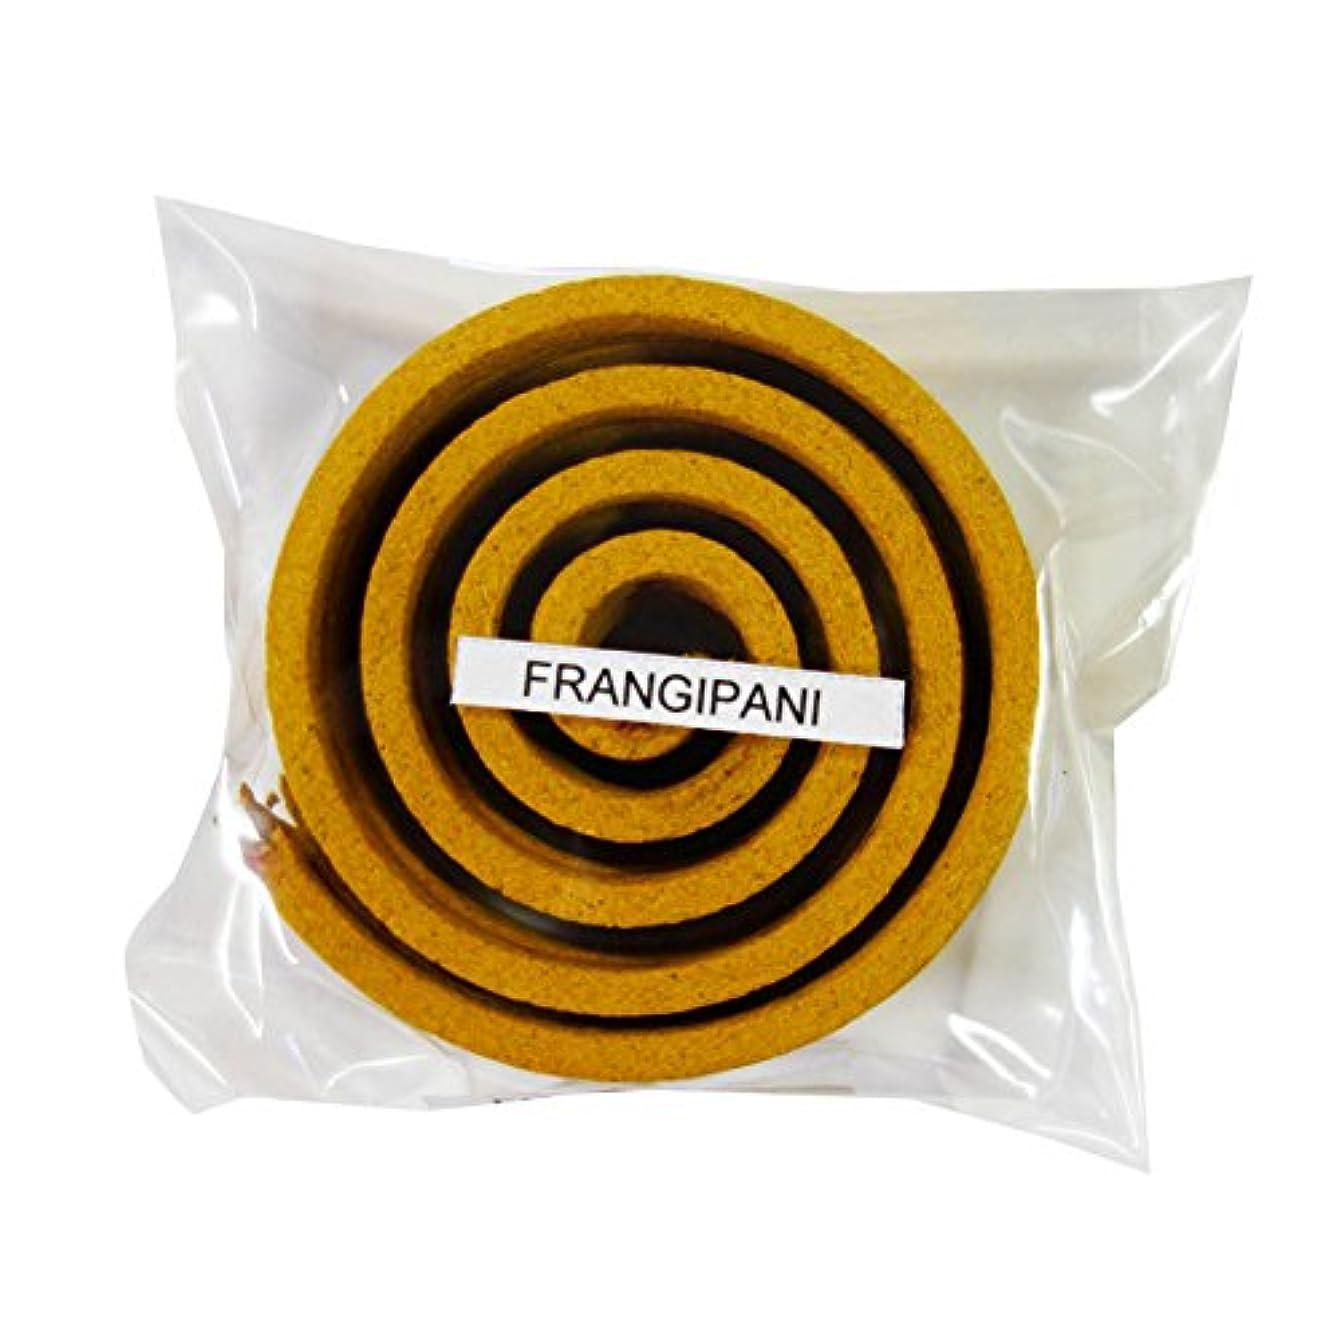 きらめき閲覧するアンテナお香/うずまき香 FRANGIPANI フランジパニ 直径6.5cm×5巻セット [並行輸入品]